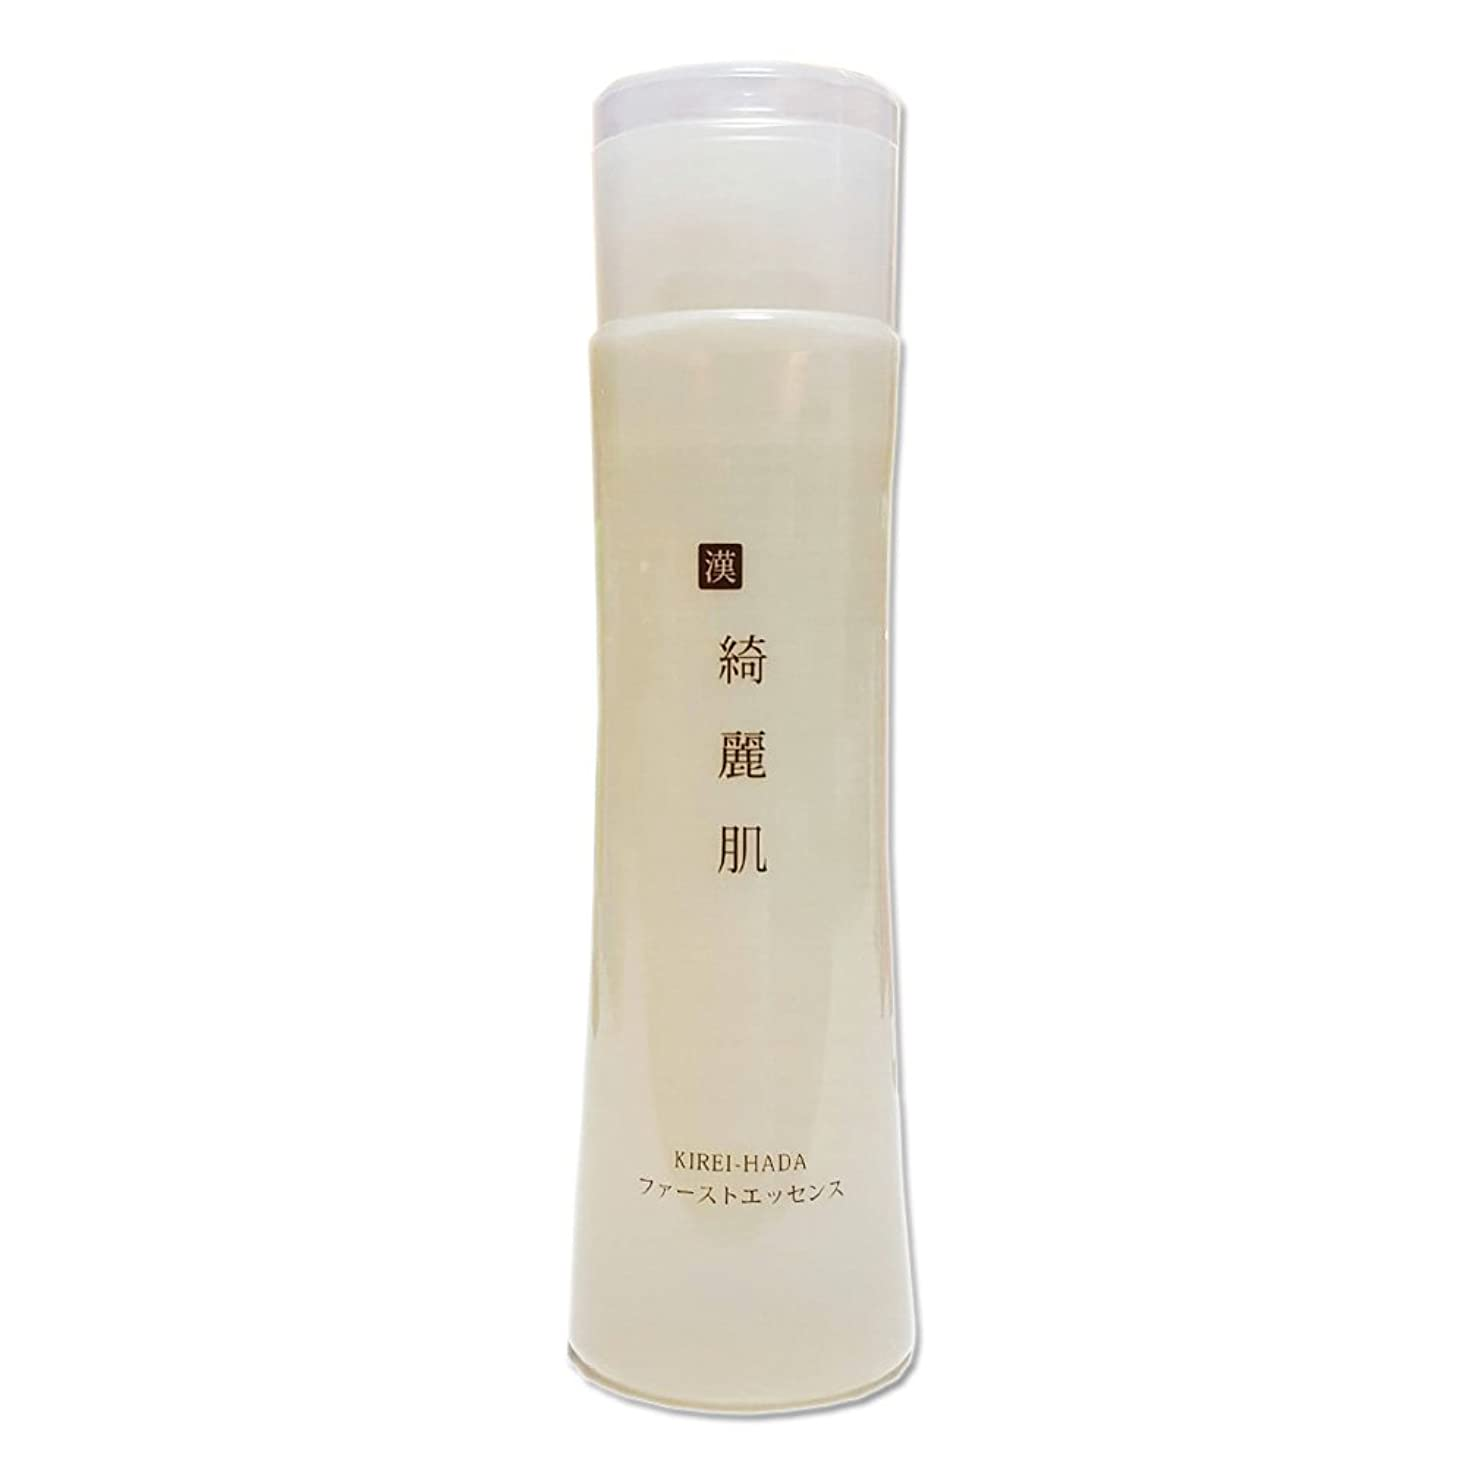 対処レンダー広まったファーストエッセンス 美容液化粧水 200ml